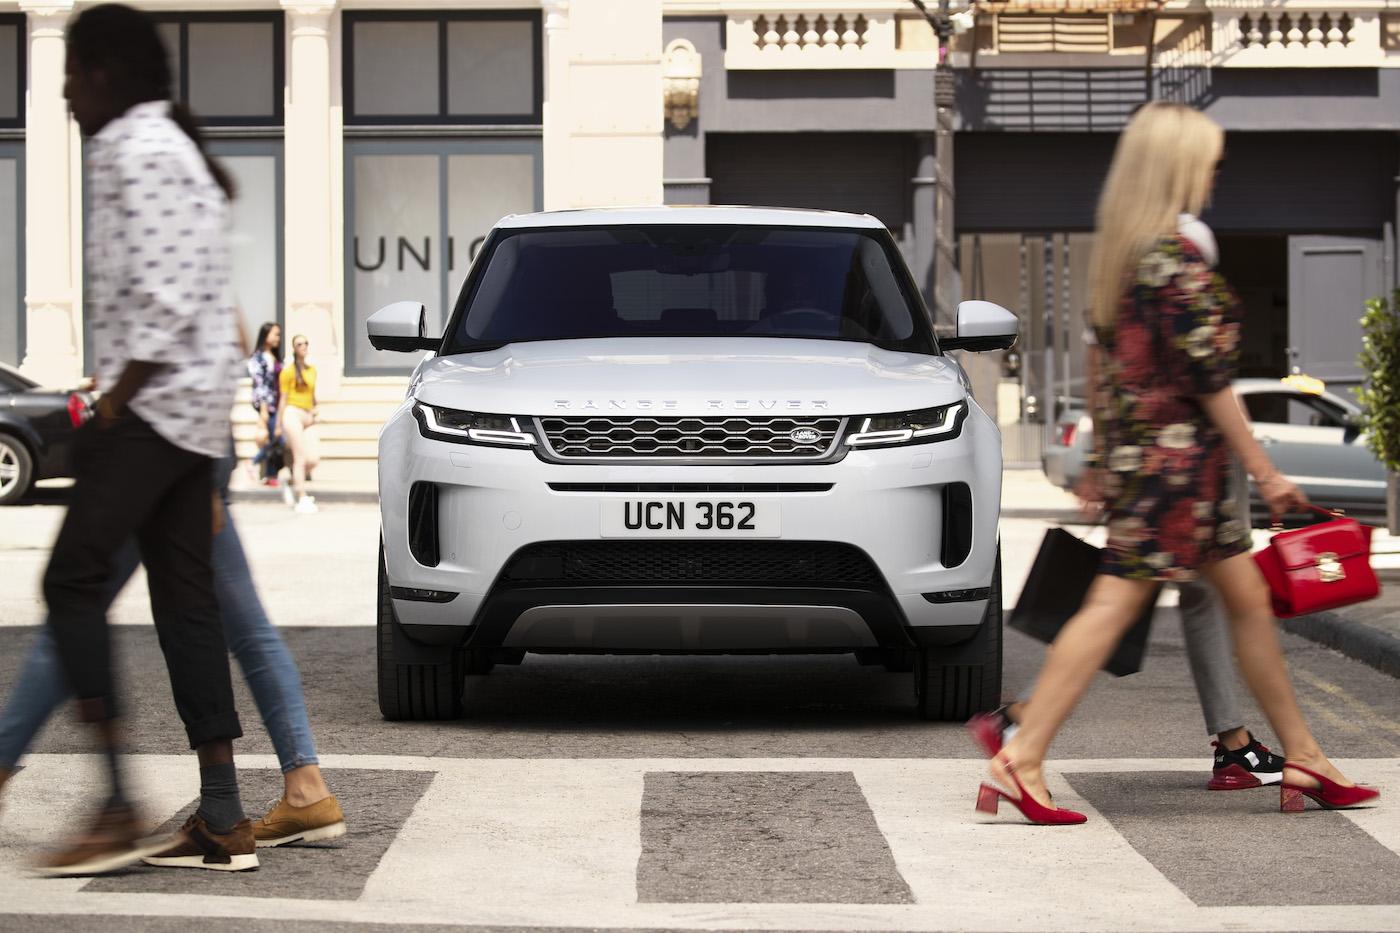 Der neue Evoque: Range Rover übertrifft sich selbst 2